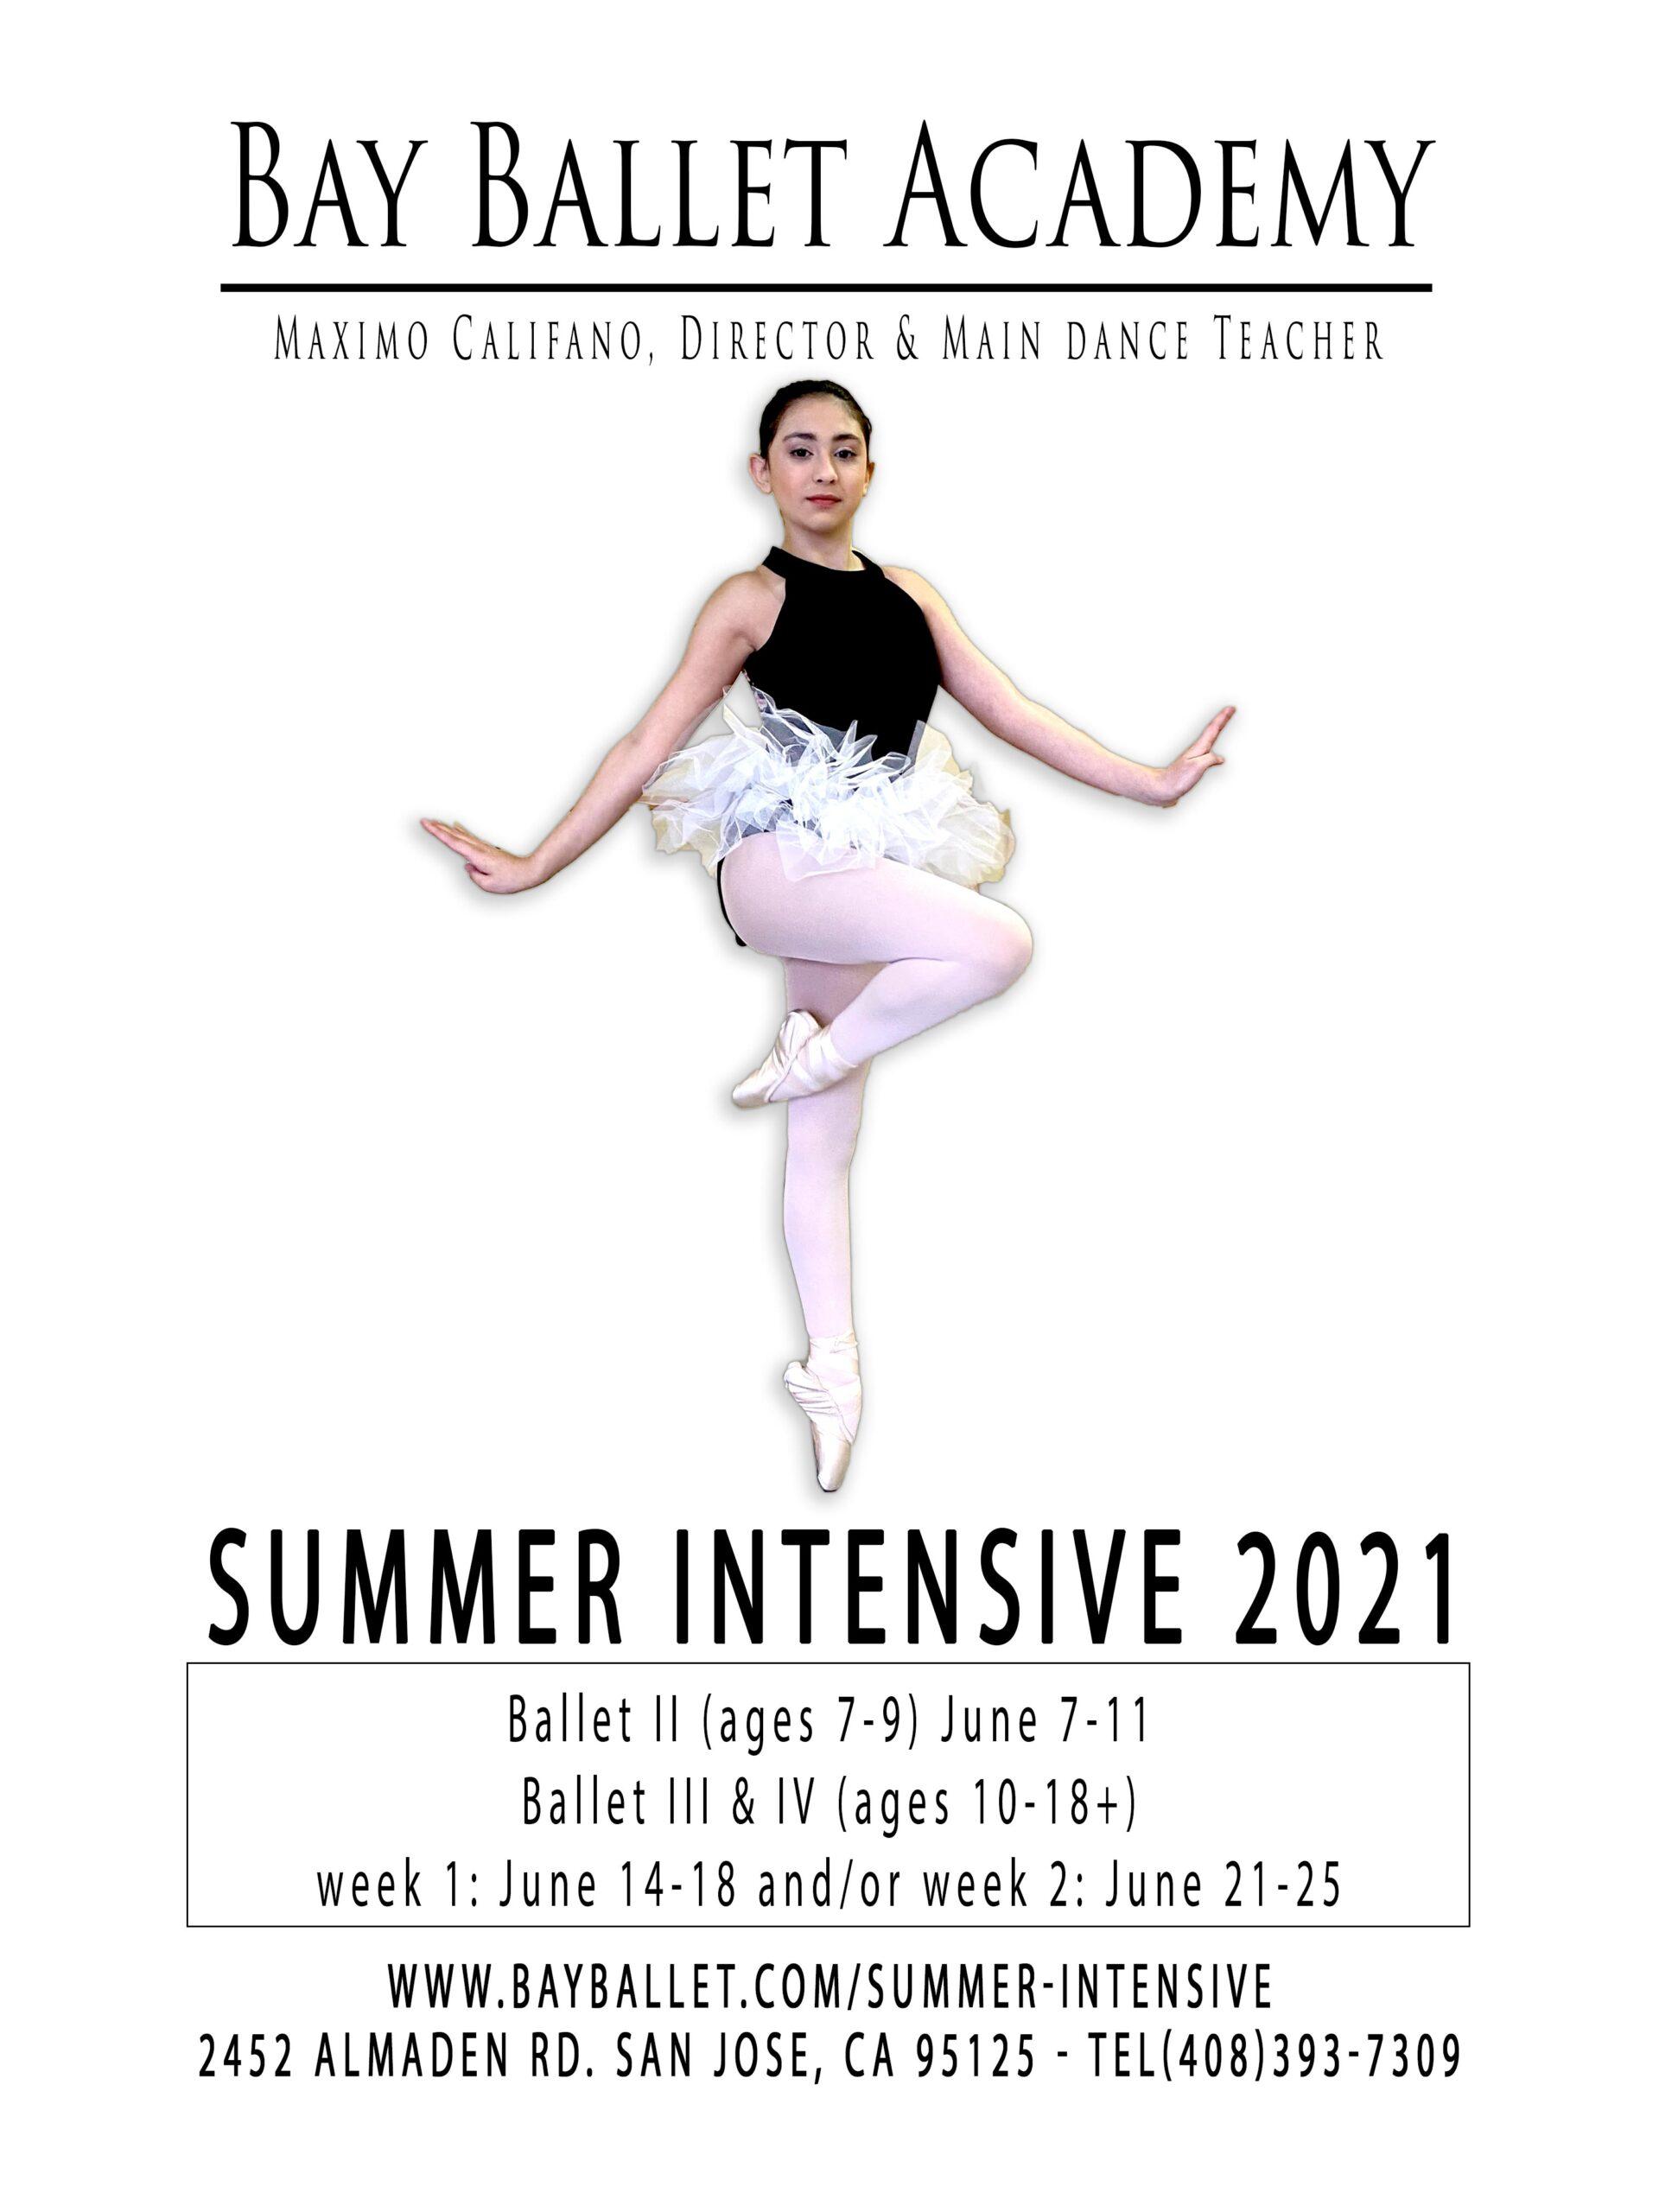 Bay Ballet Academy Summer Intensive 2021